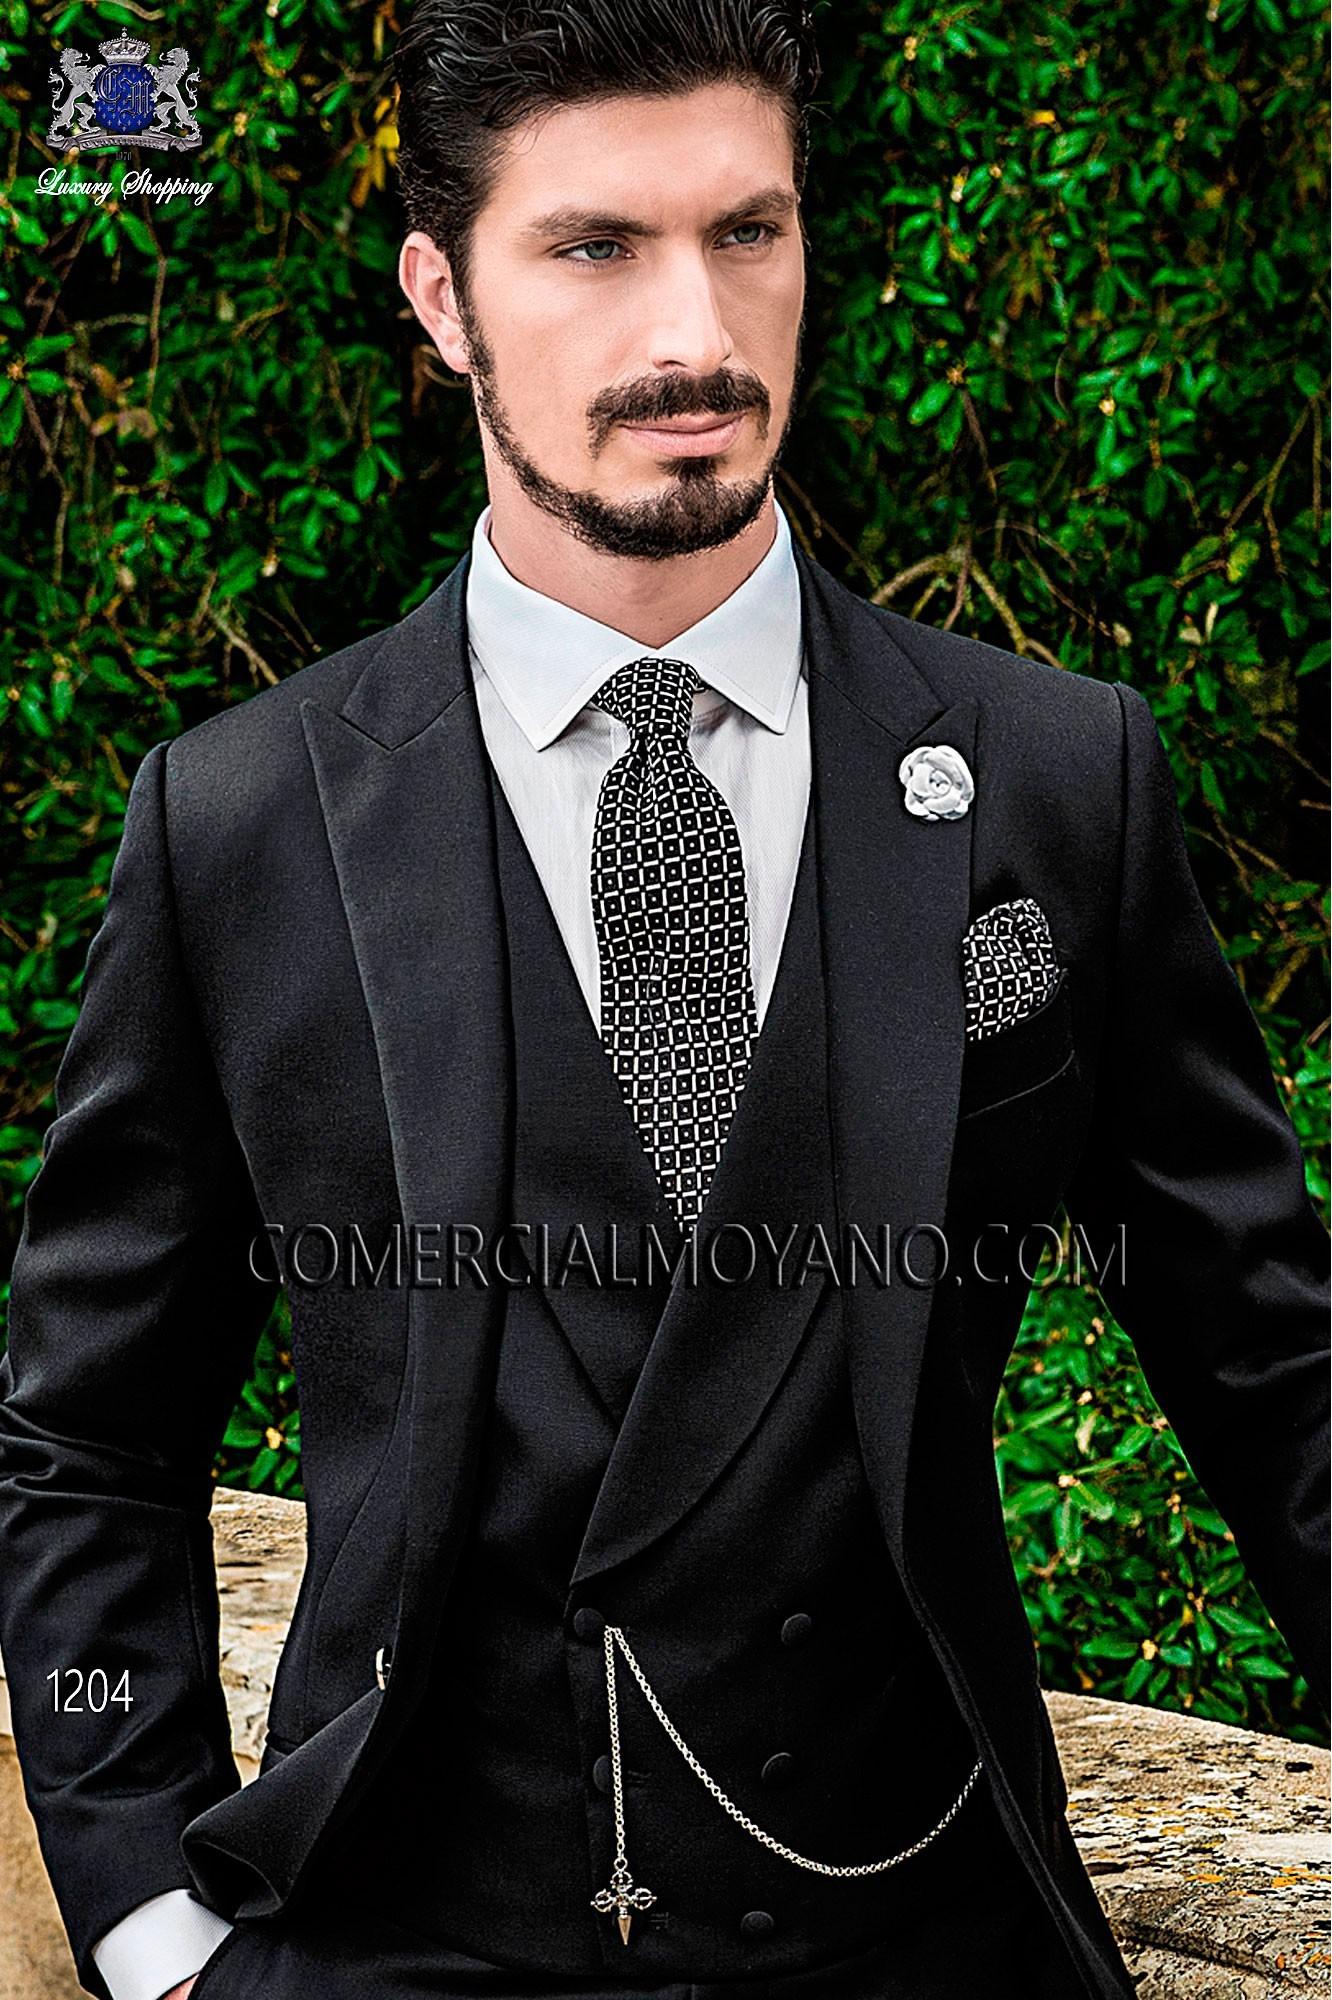 Traje Gentleman de novio negro modelo: 1204 Ottavio Nuccio Gala colección Gentleman 2017